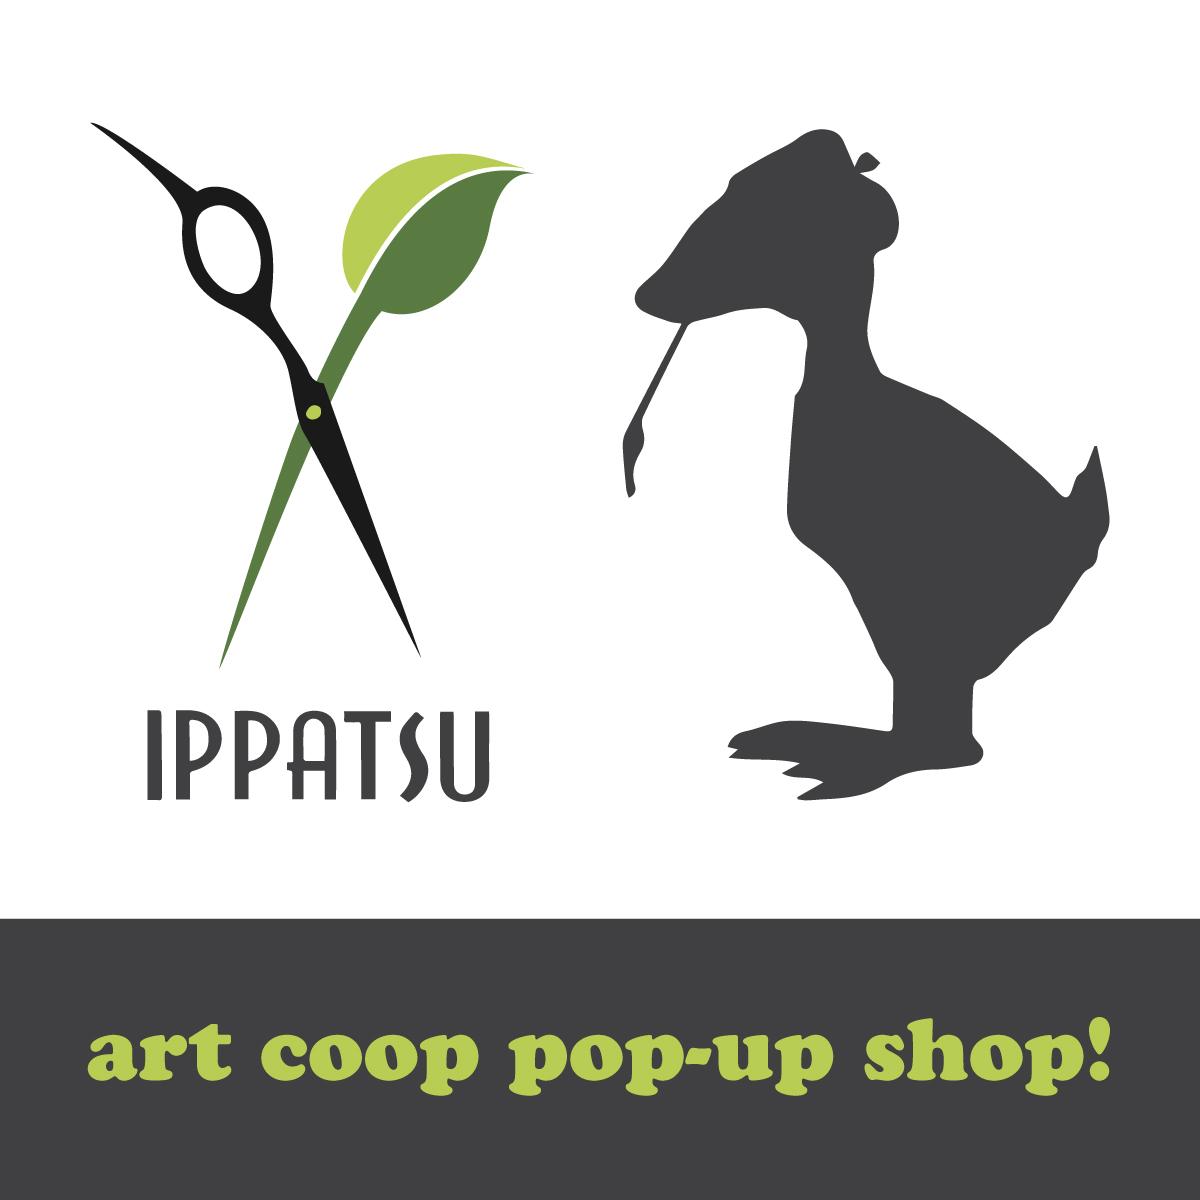 Ippatsu Pop-Up Shop Kit #12